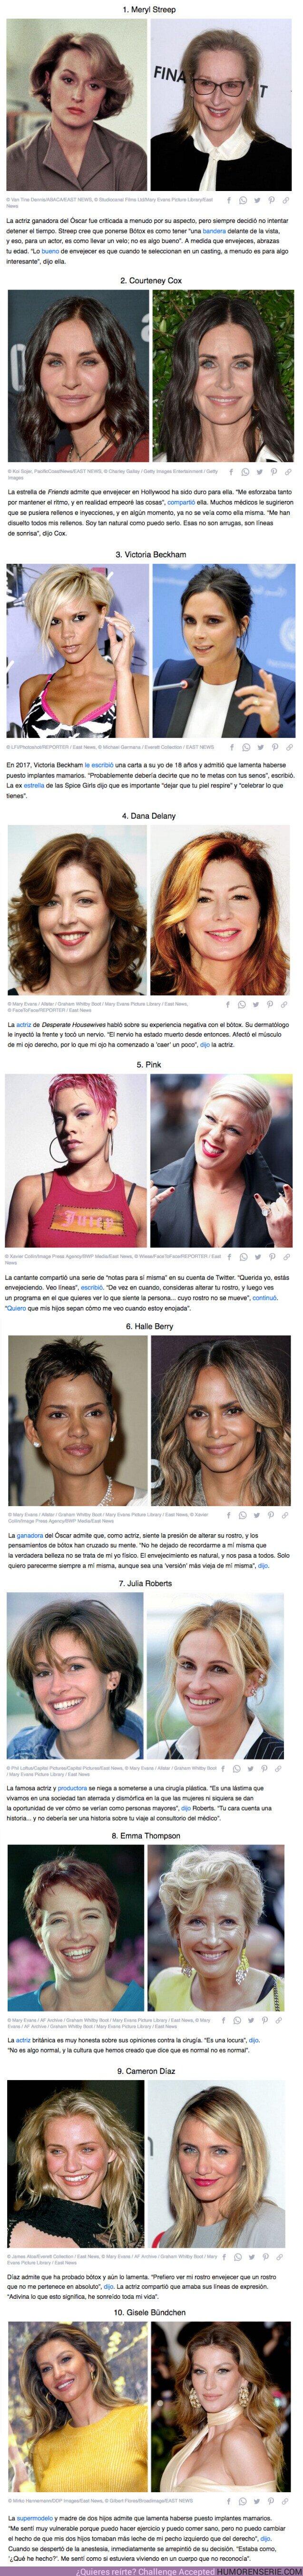 """64814 - GALERÍA: 10 Celebridades comparten las razones por las cuales dijeron """"no"""" a la cirugía estética, incluso aquellas que se sometieron a procedimientos en el pasado"""